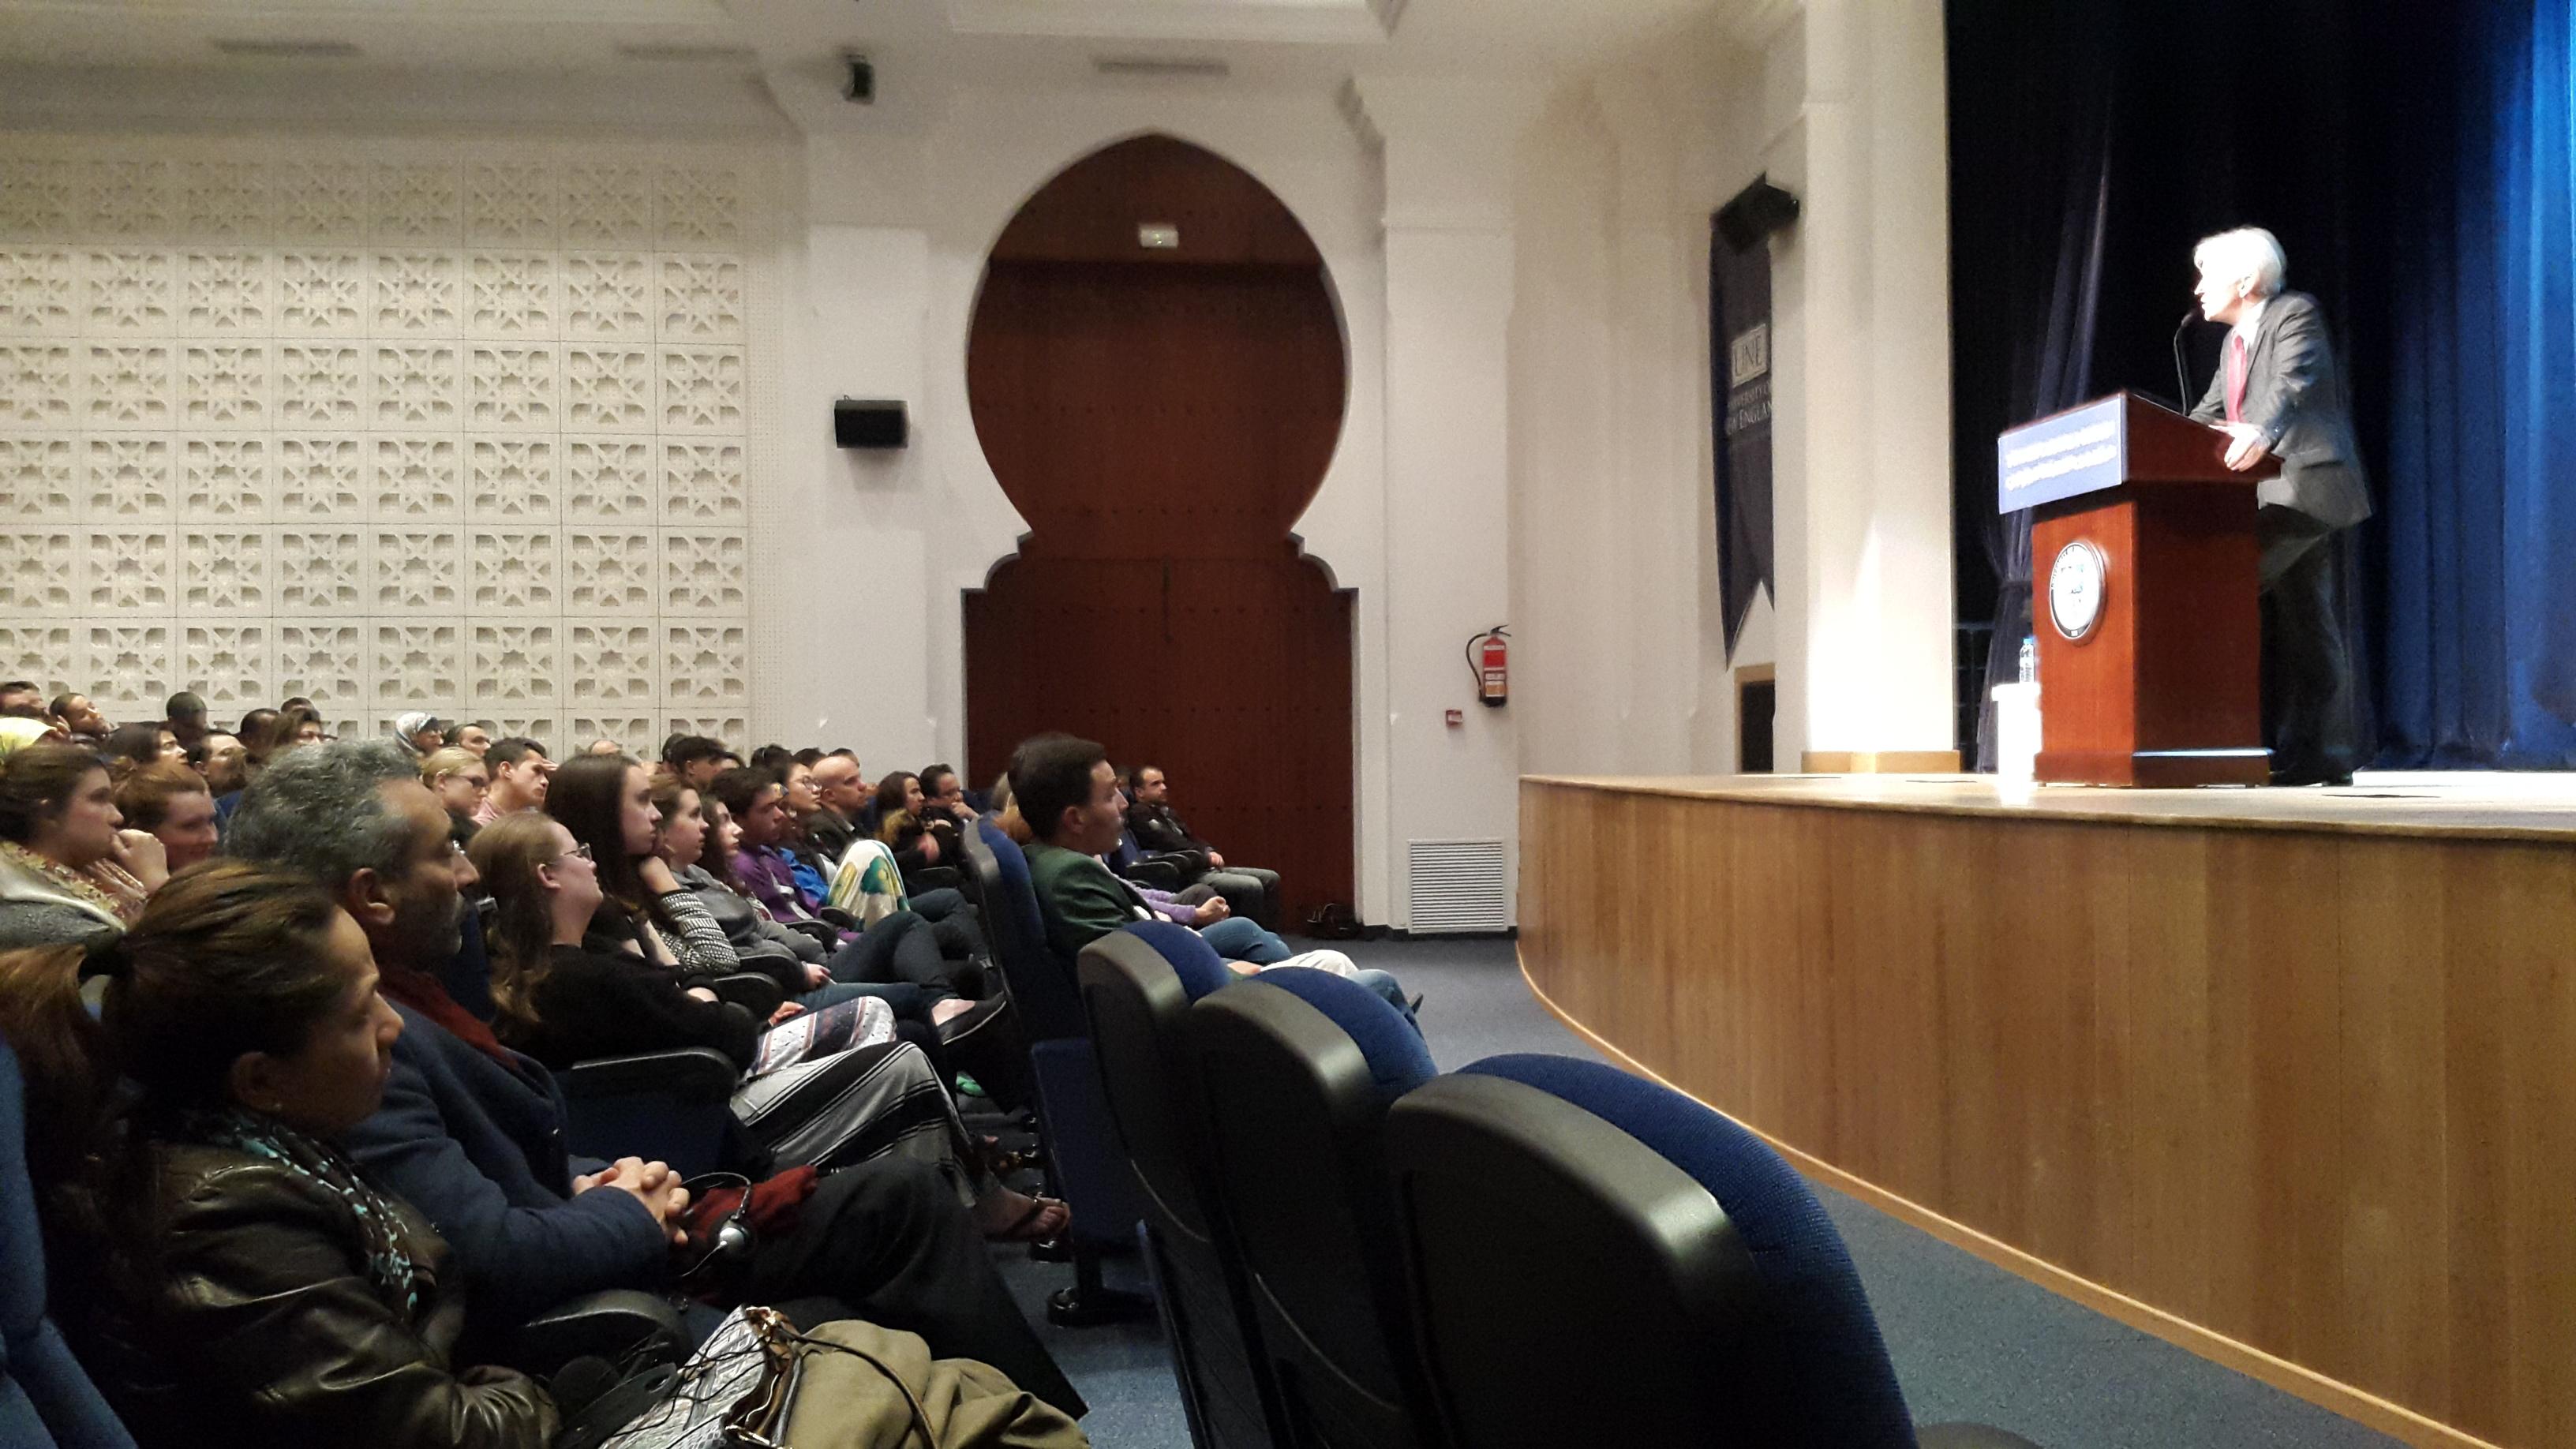 أوجين روغان في محاضرة بطنجة: العرب يفخرون بماضيهم وتاريخهم لكن يلزمهم الكثير من الجهد من أجل المستقبل